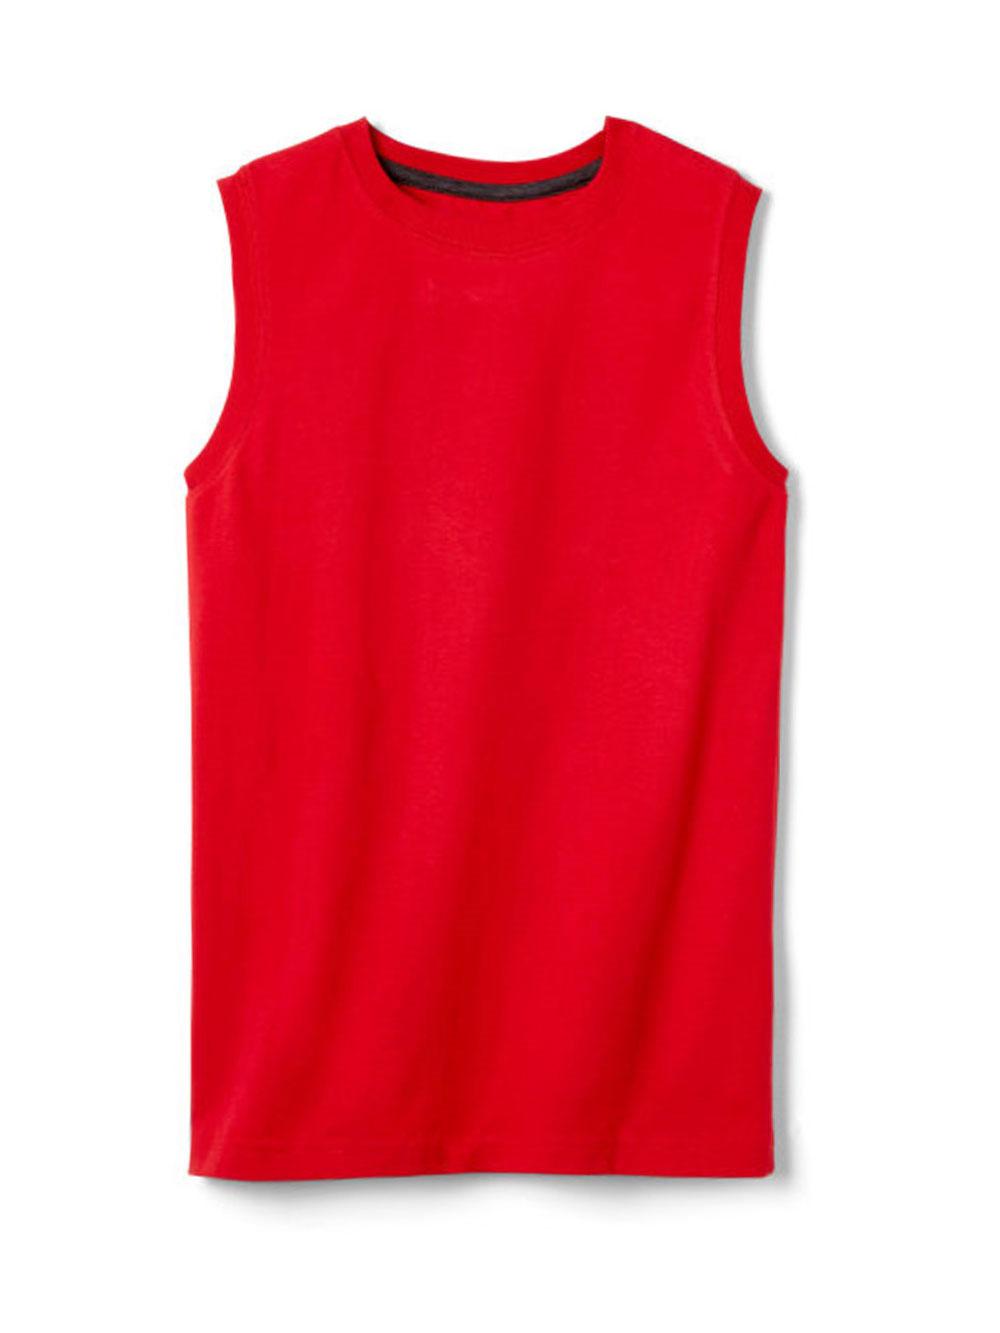 Image of French Toast Big Boys Sleeveless TShirt Sizes 8  20  red 1012